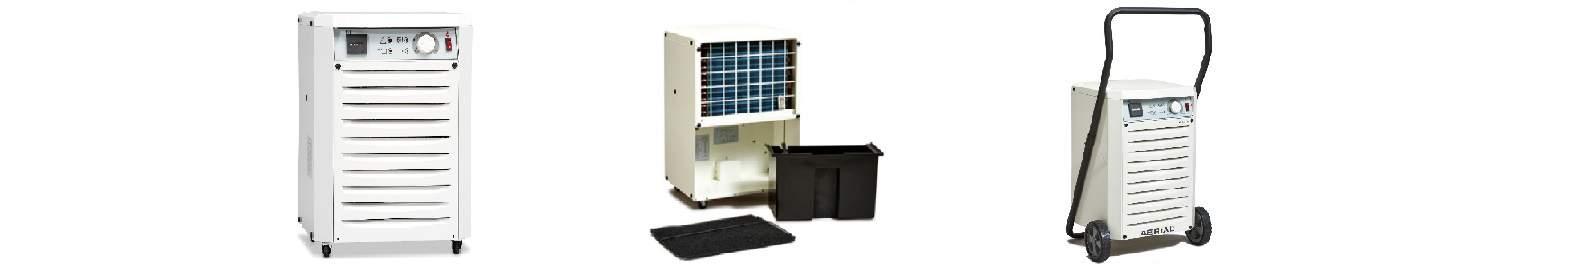 DH Series Best Dehumidifier in Abu Dhabi, UAE